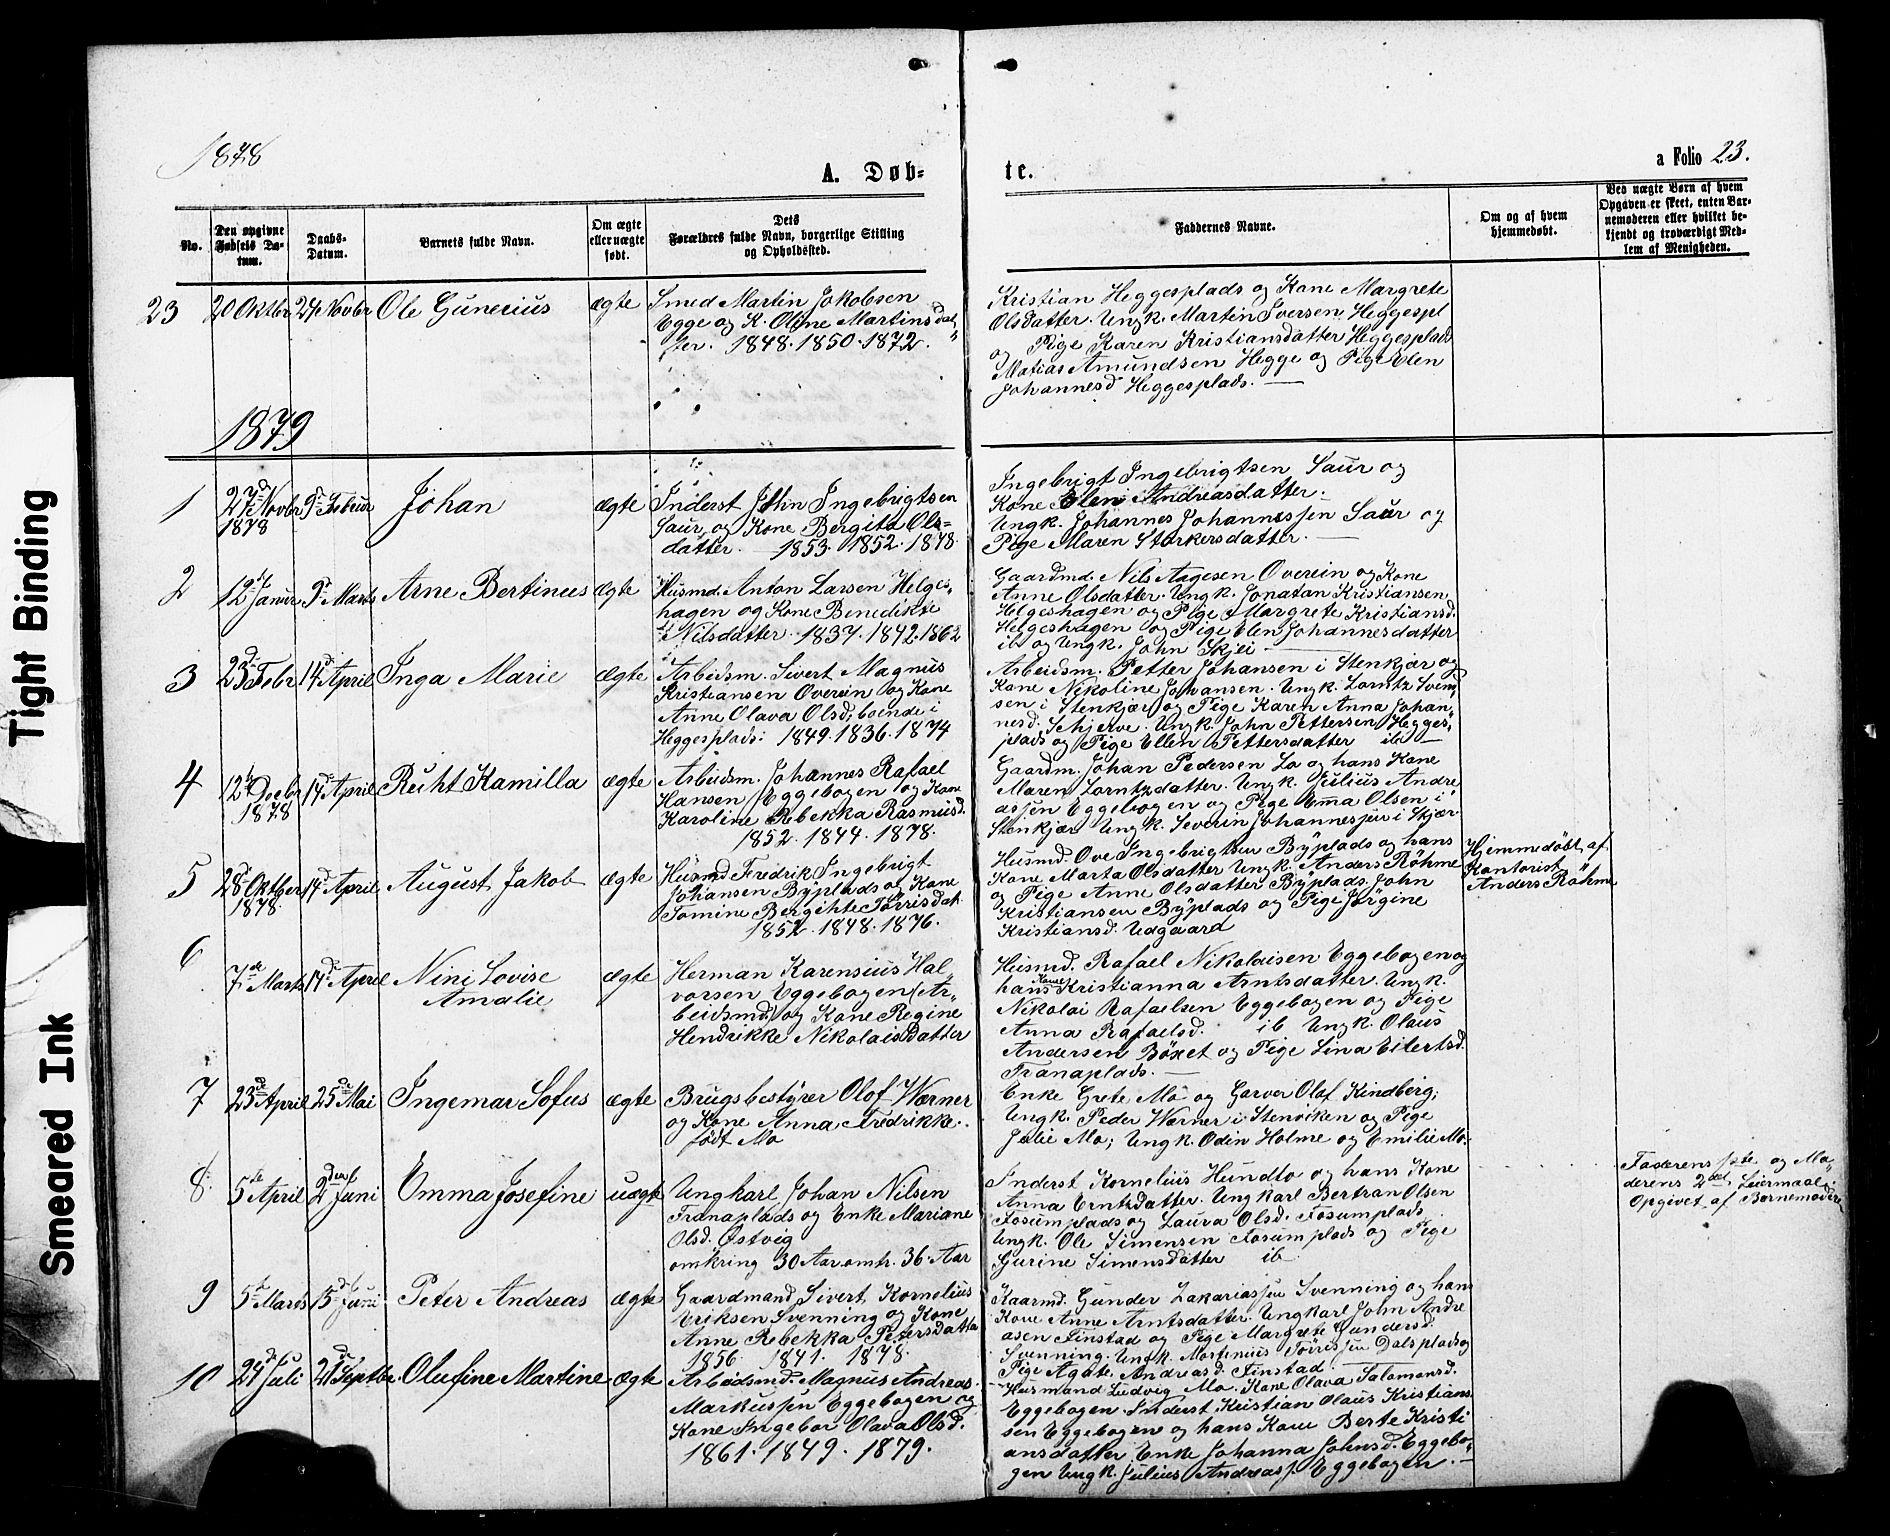 SAT, Ministerialprotokoller, klokkerbøker og fødselsregistre - Nord-Trøndelag, 740/L0380: Klokkerbok nr. 740C01, 1868-1902, s. 23